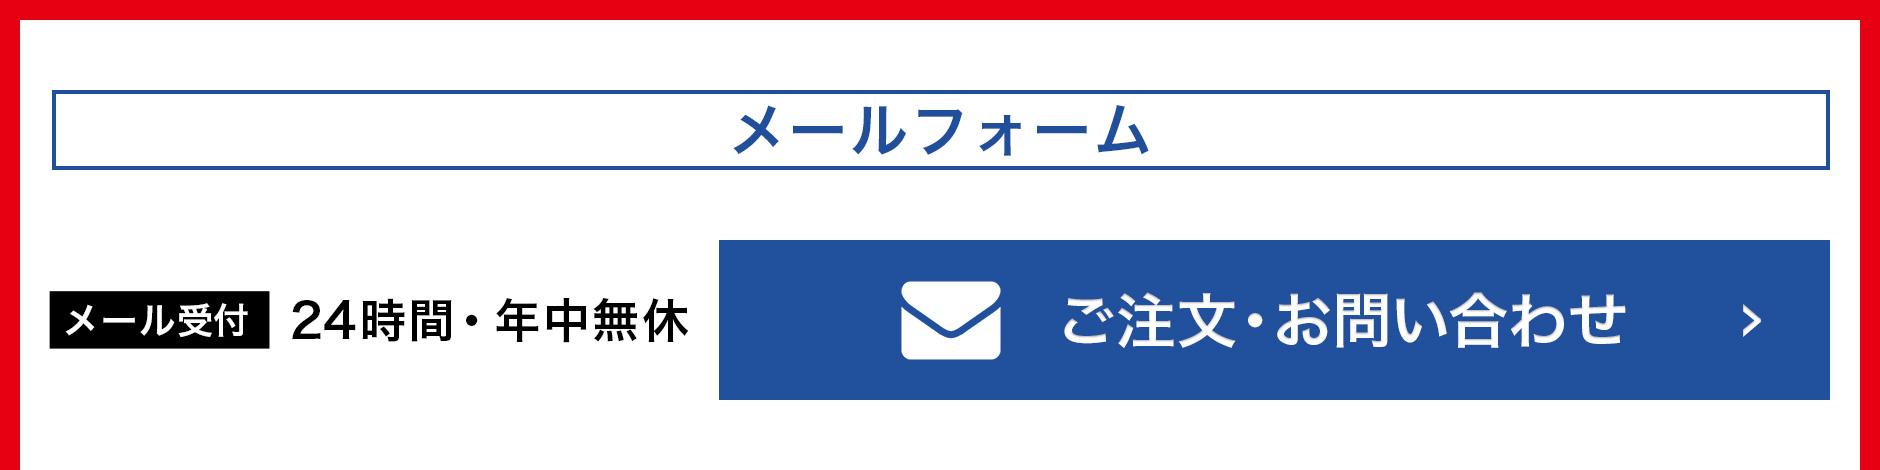 メールフォームでのご注文・お問い合わせはこちら